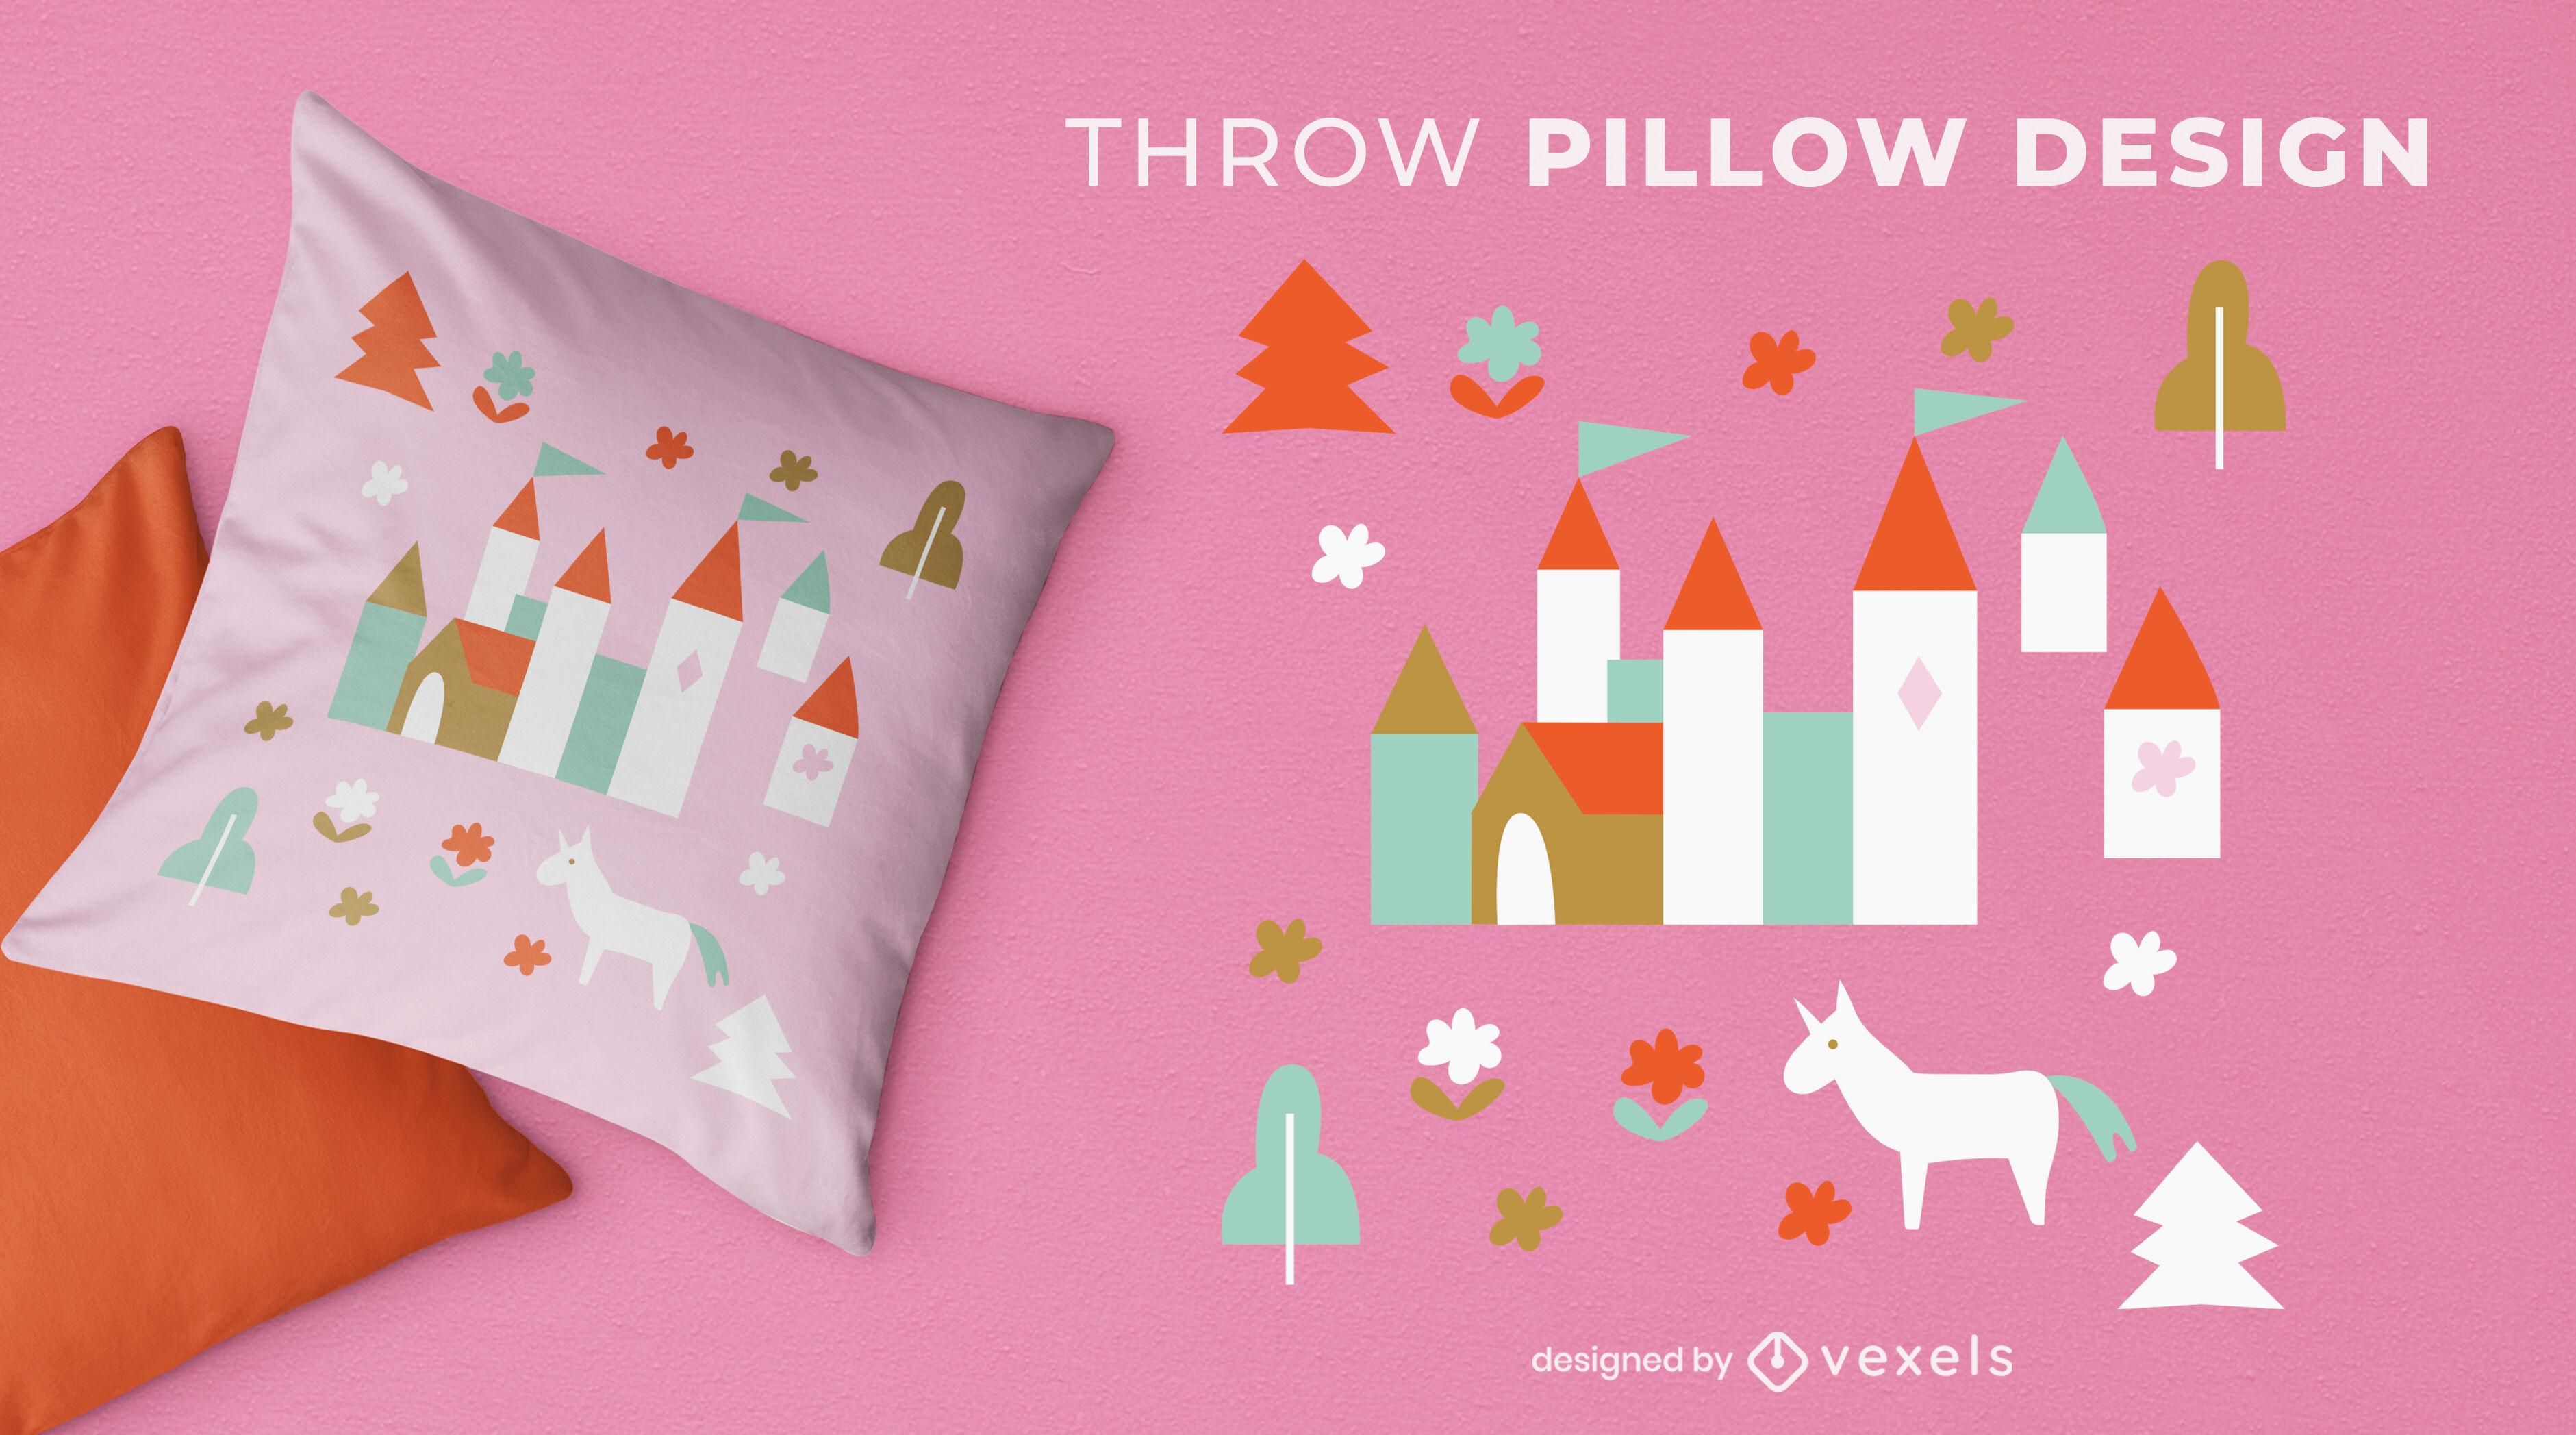 Diseño de almohada de tiro de princesa bebé